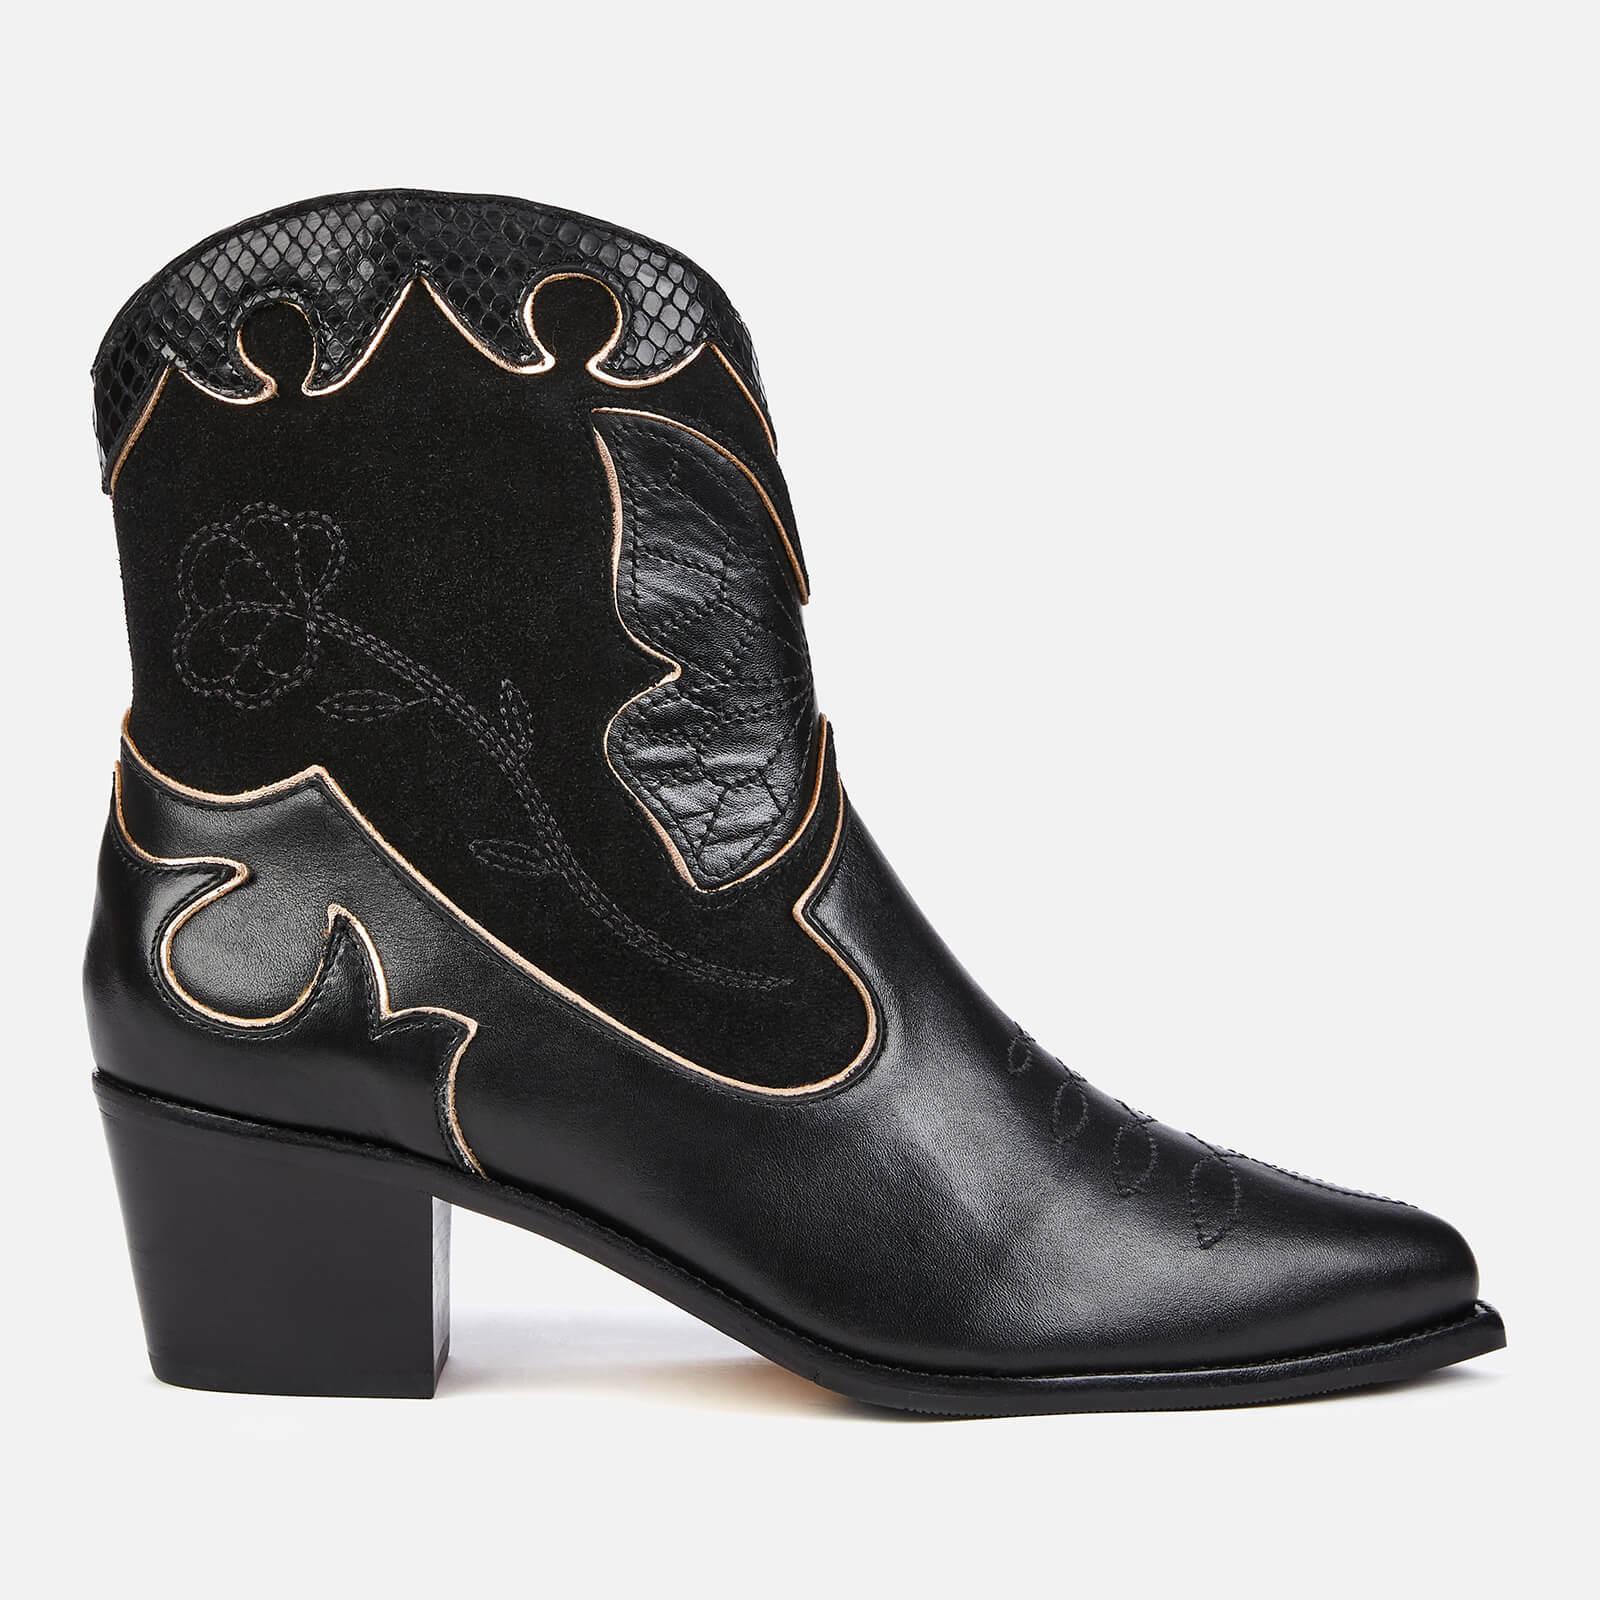 Sophia Webster Women's Shelby Suede Western Boots - Black Snake - UK 4